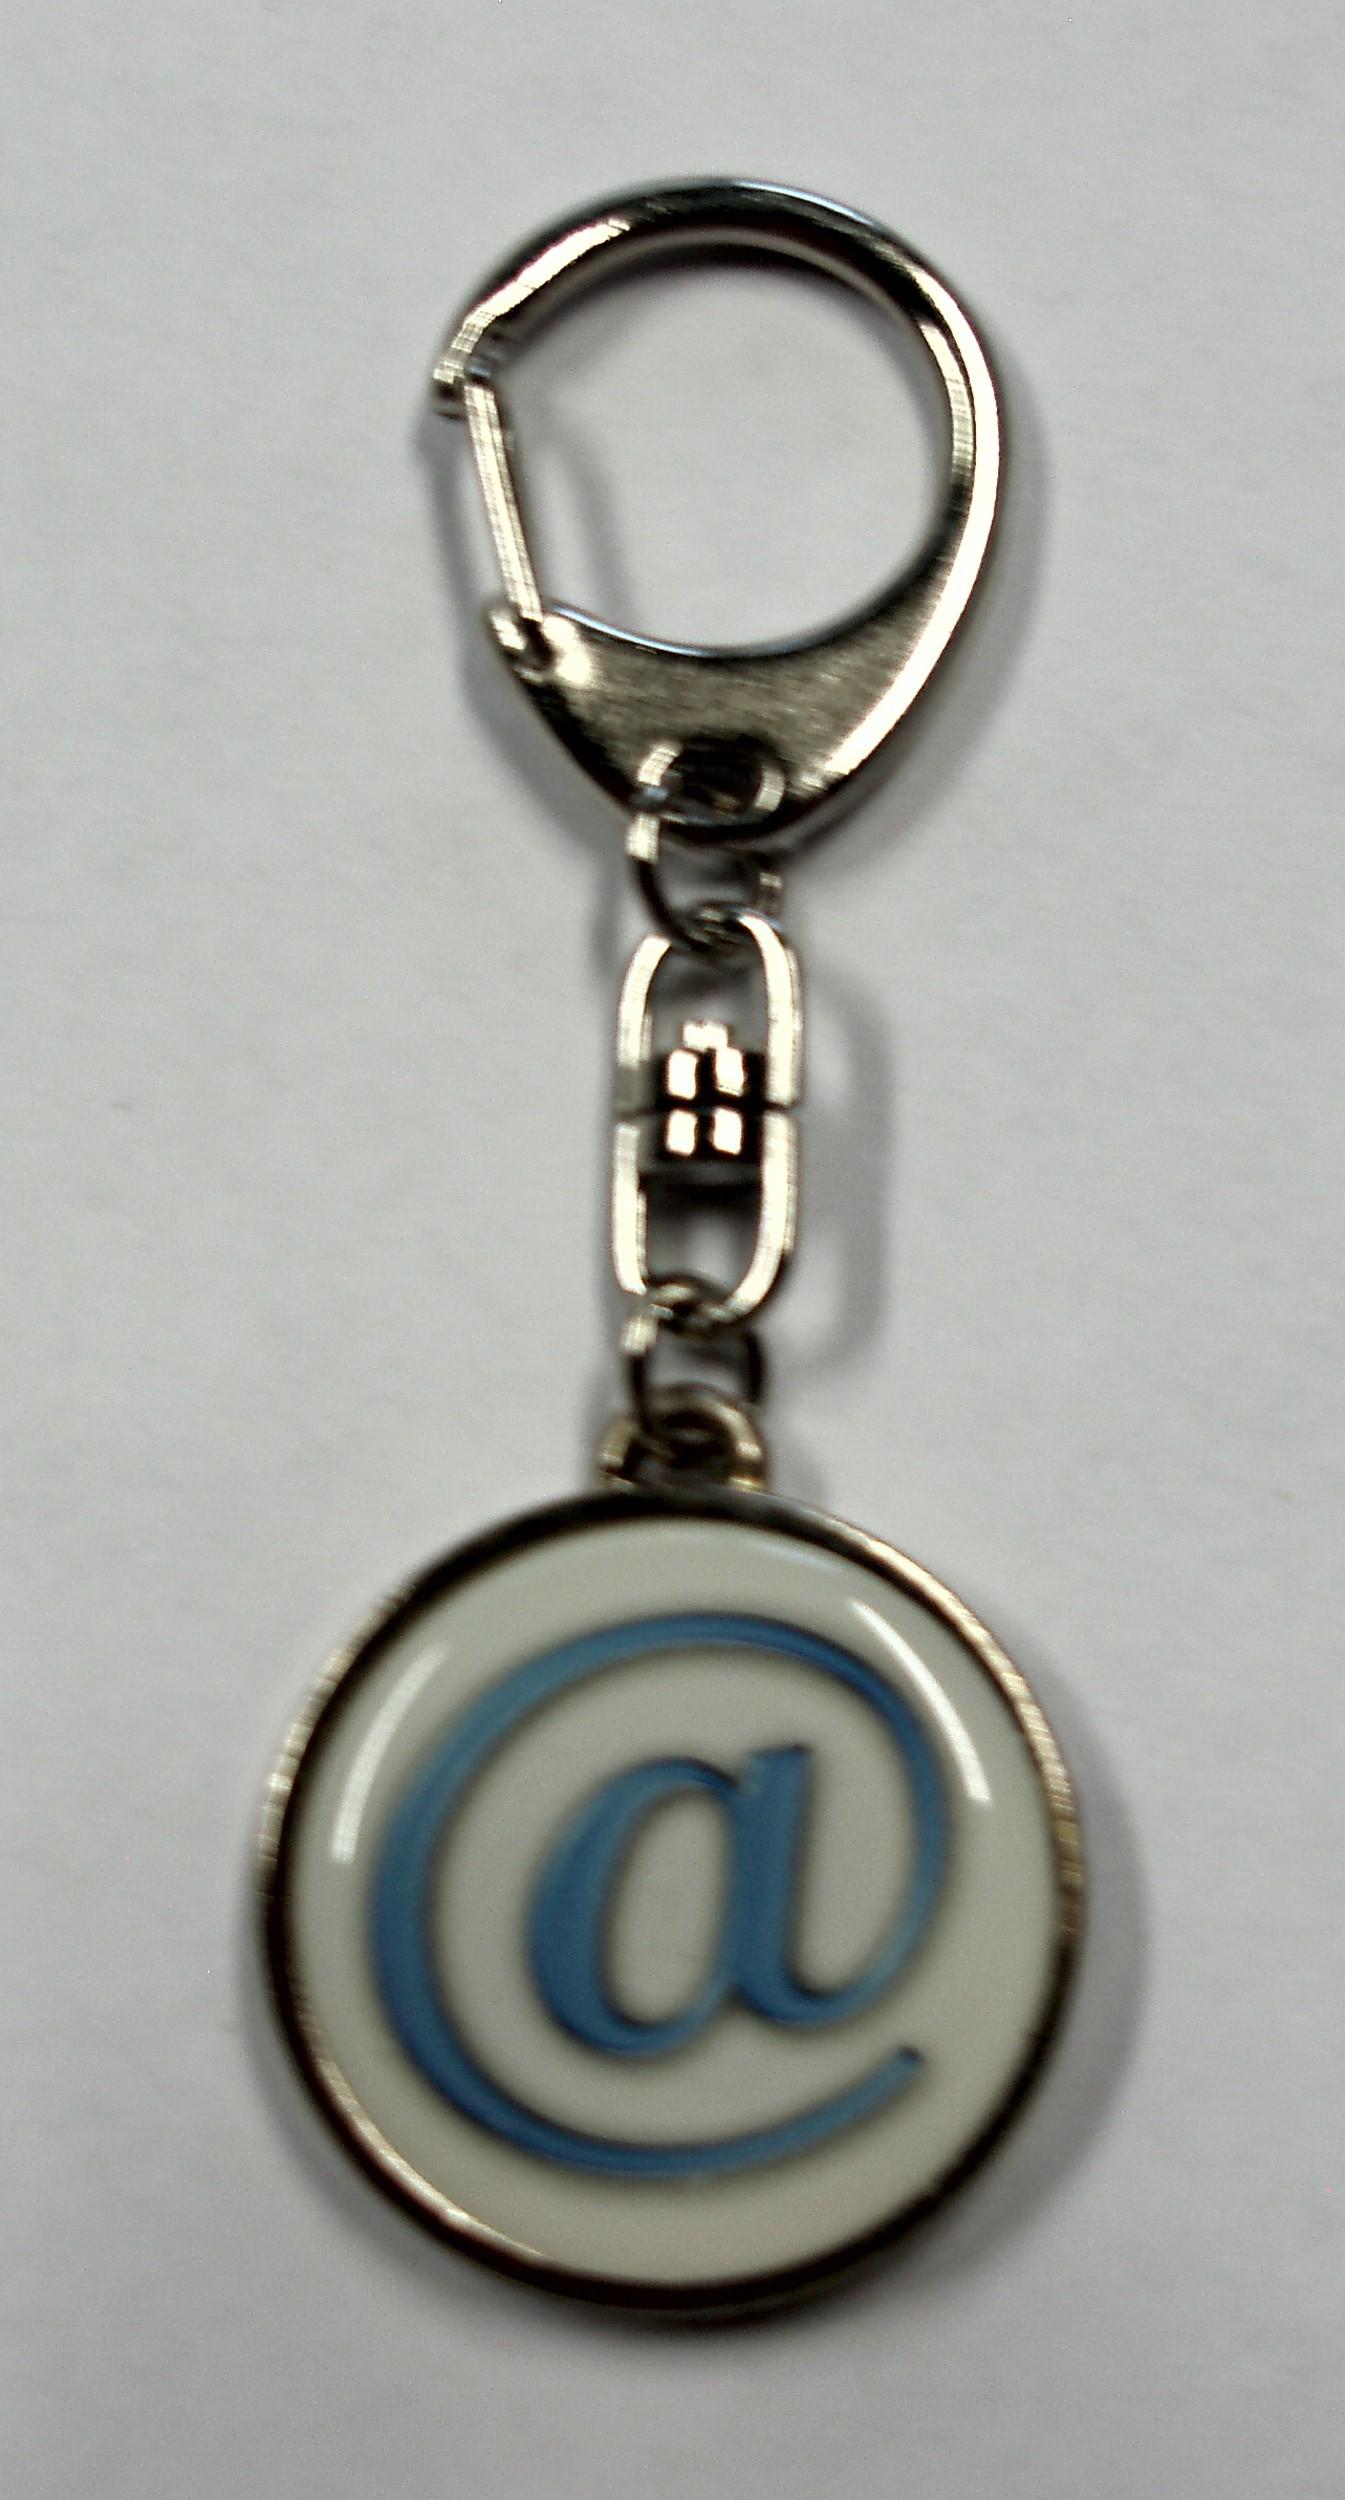 Porte-clé métal @-logo 95 x 35 mm motif bilatéral – Bild 1